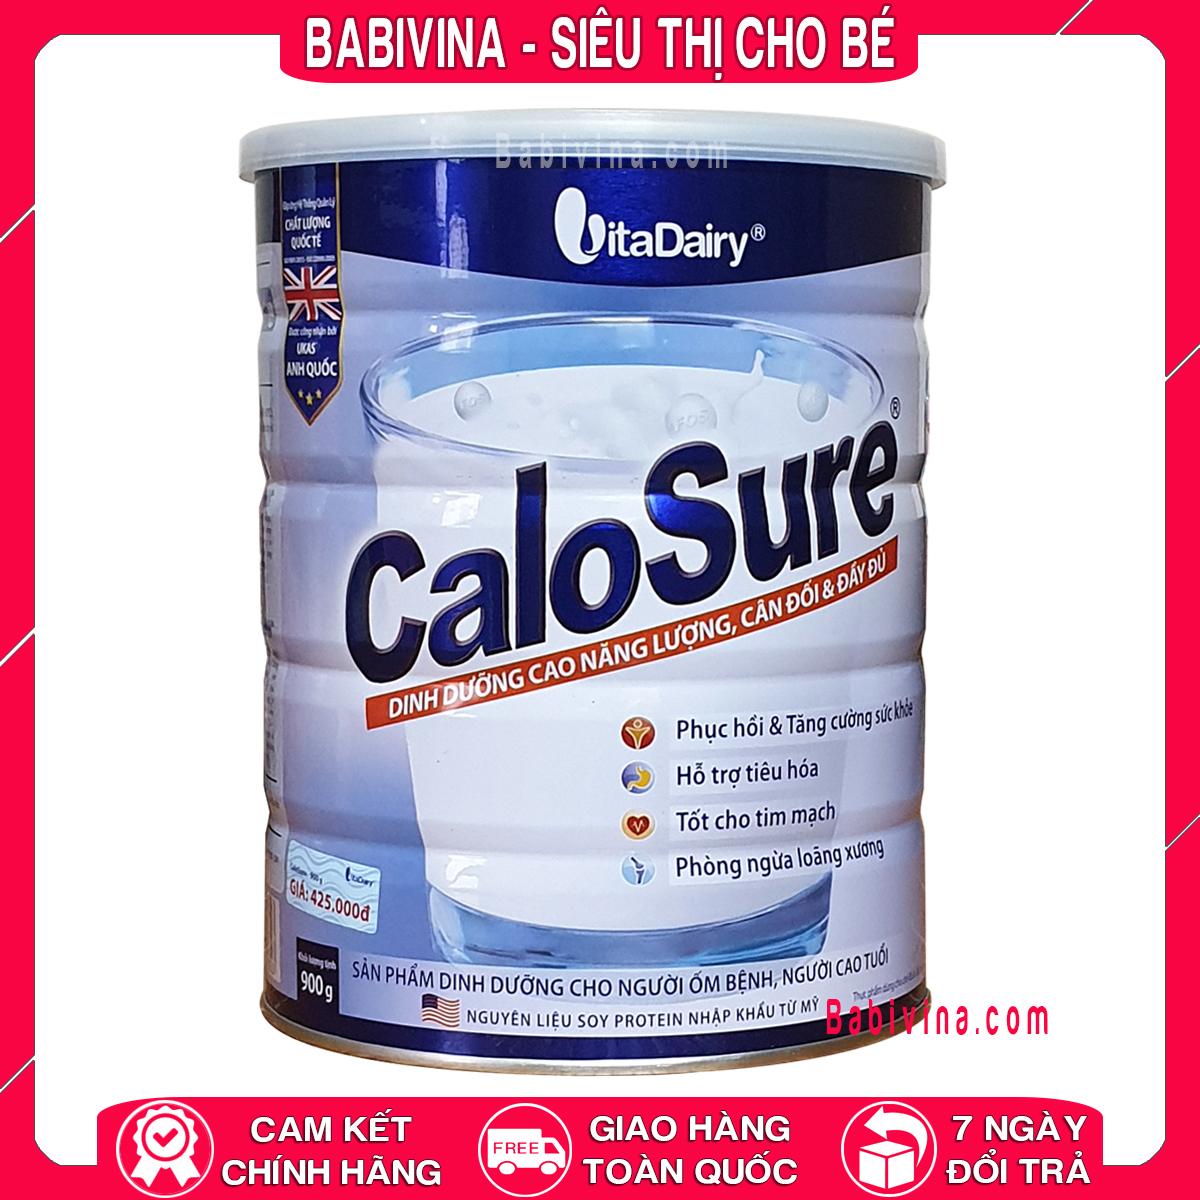 Sữa Calosure 900g Dành Cho Người cao tuổi Mẫu Mới Date Mới Nhất